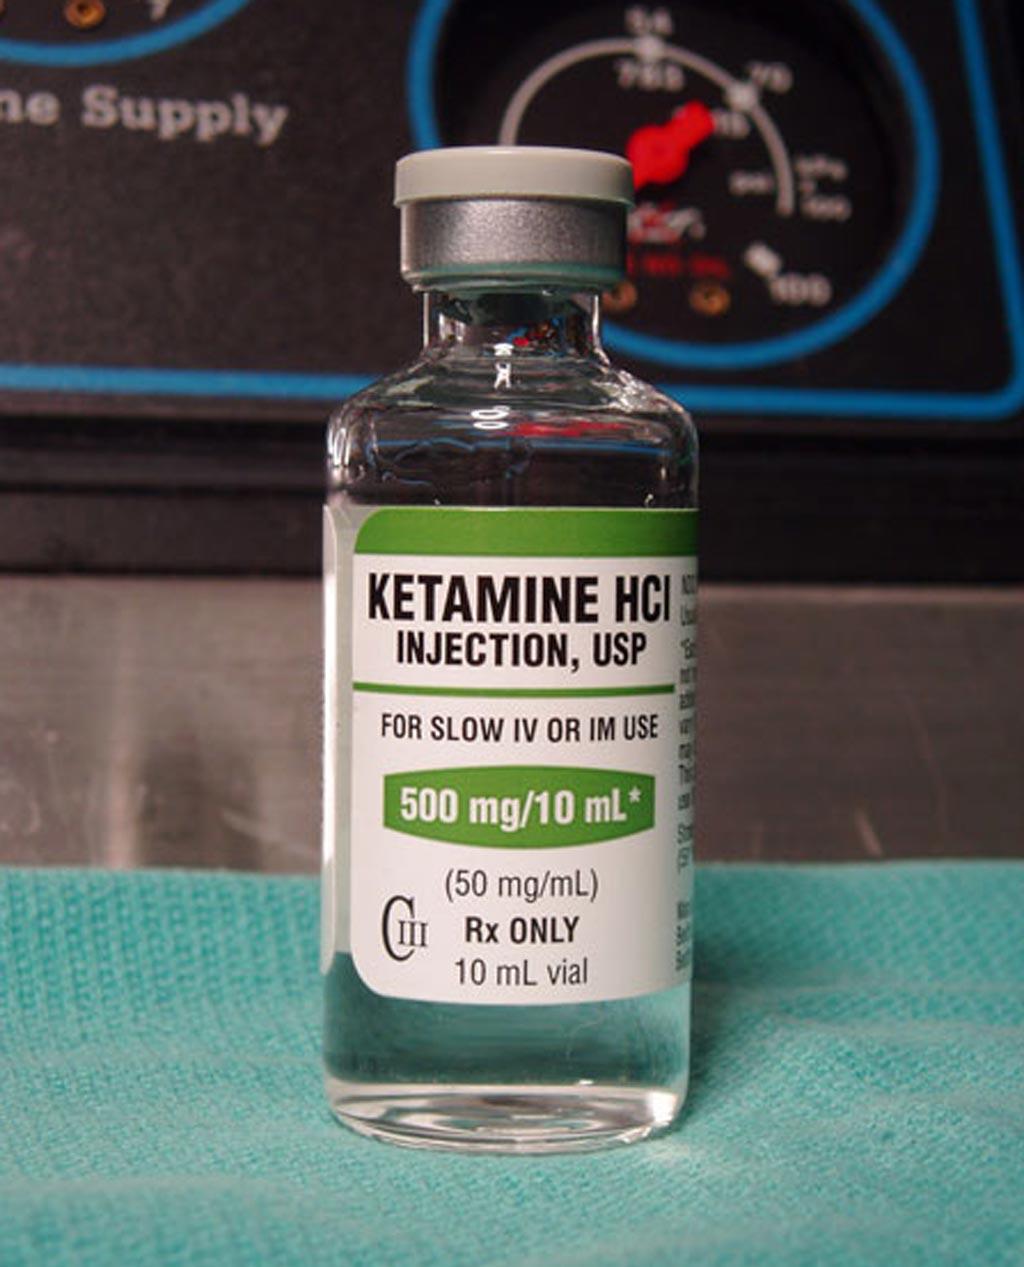 Imagen: Una nueva investigación sugiere que la ketamina puede reducir rápidamente los pensamientos suicidas en los deprimidos (Fotografía cortesía de Erowid).